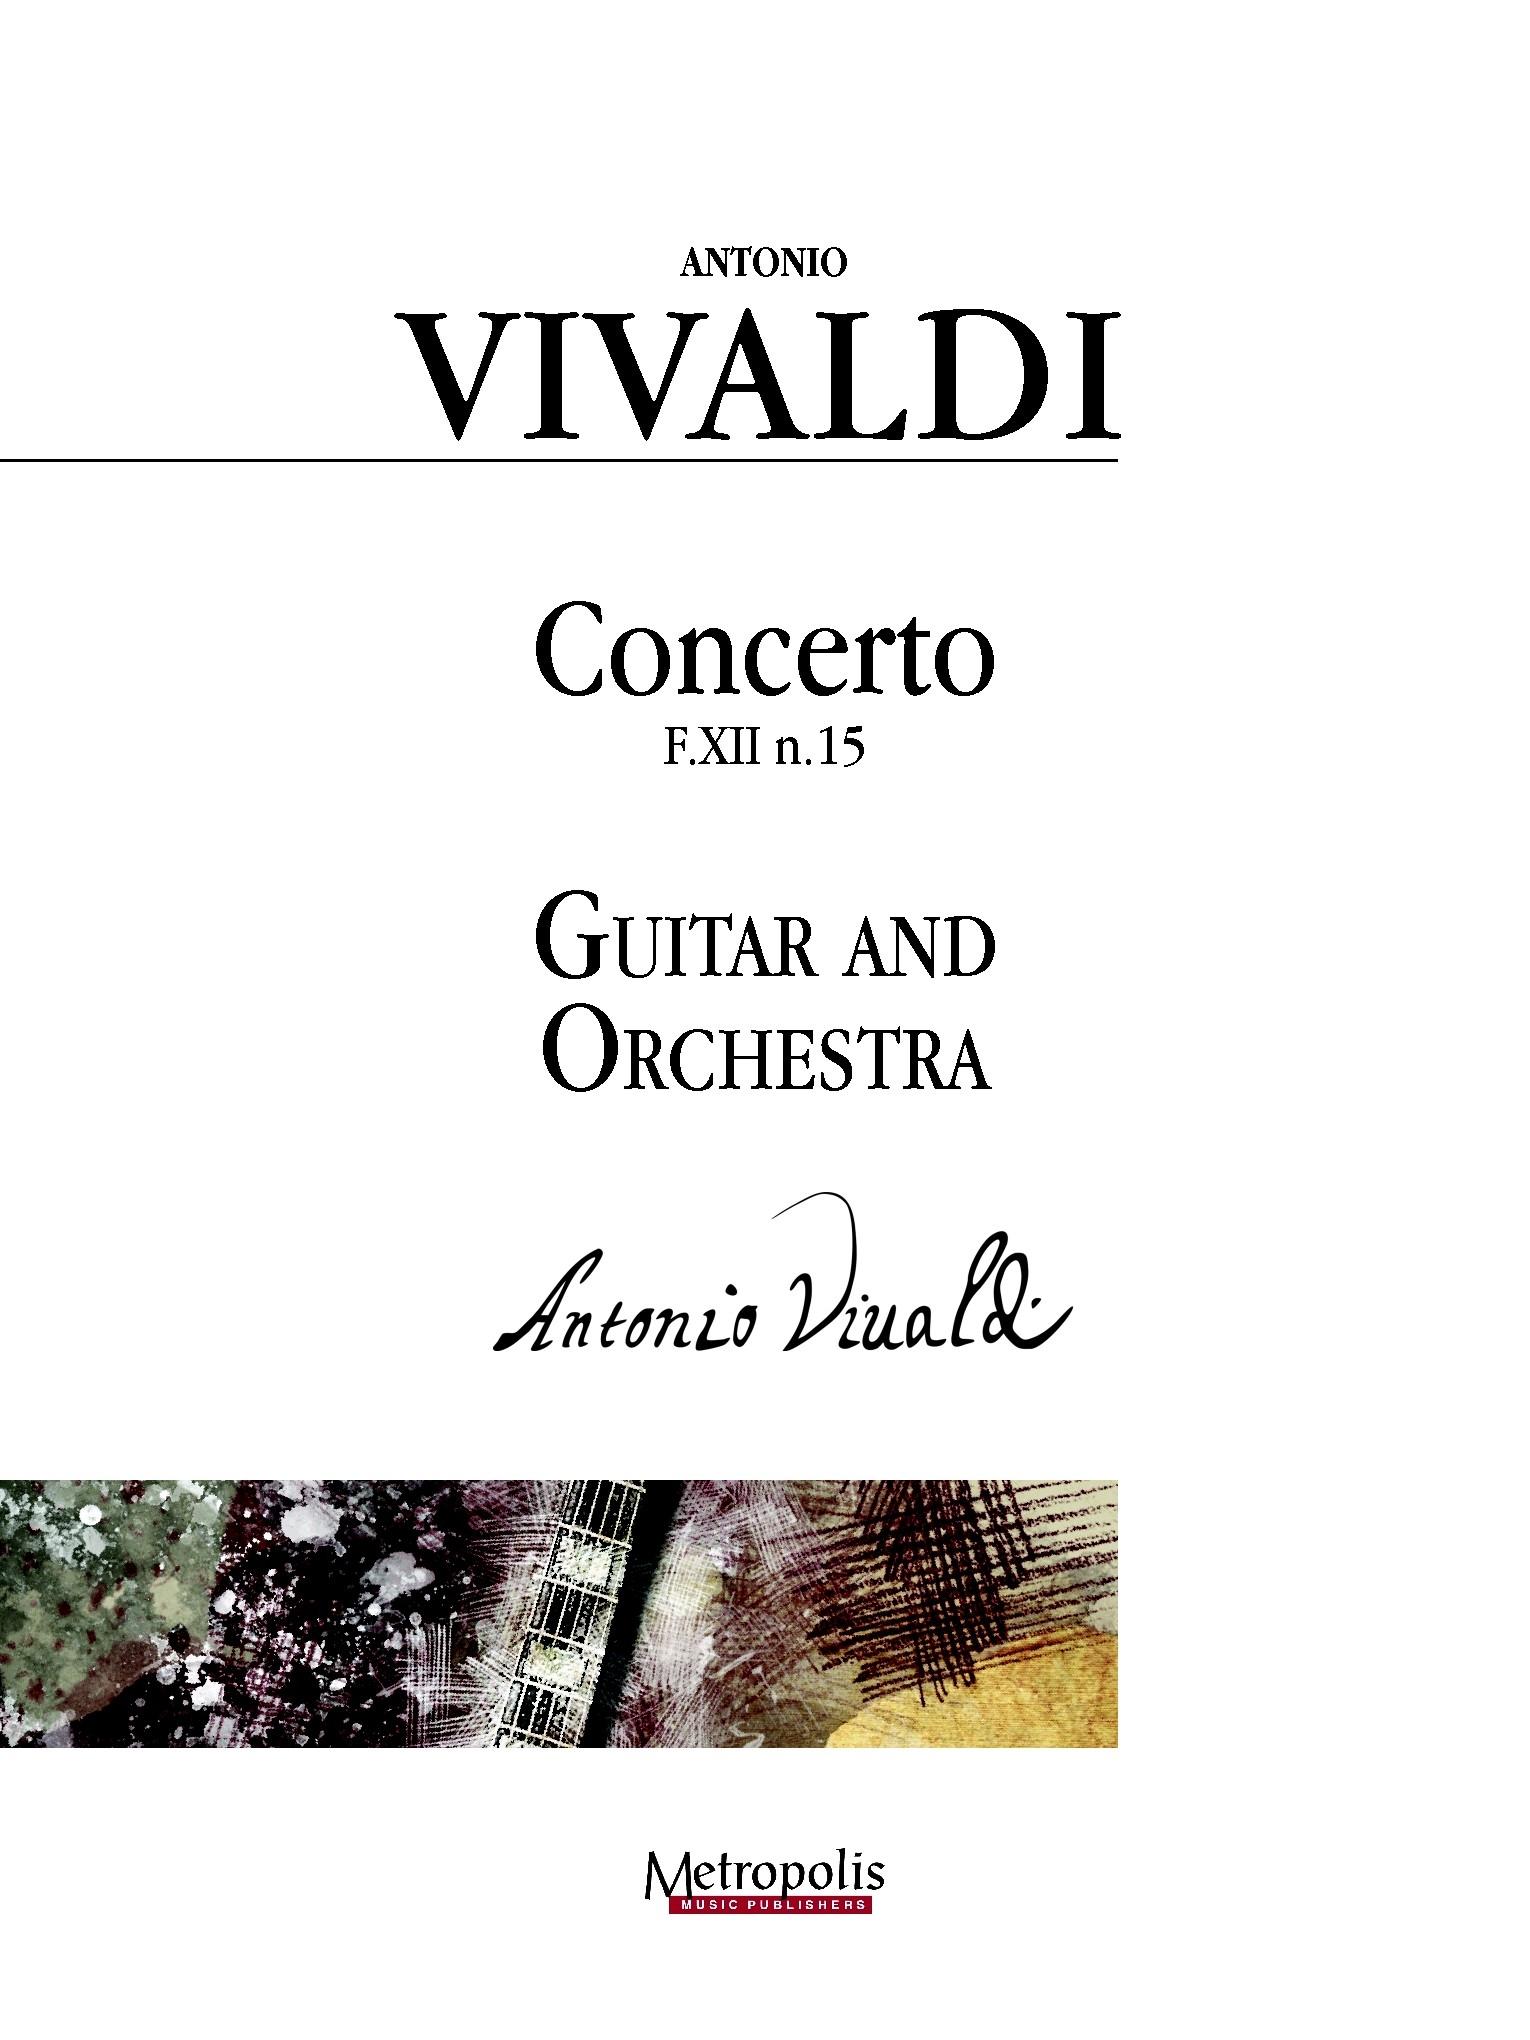 Antonio Vivaldi: Concerto in D Major: Orchestra: Score and Parts